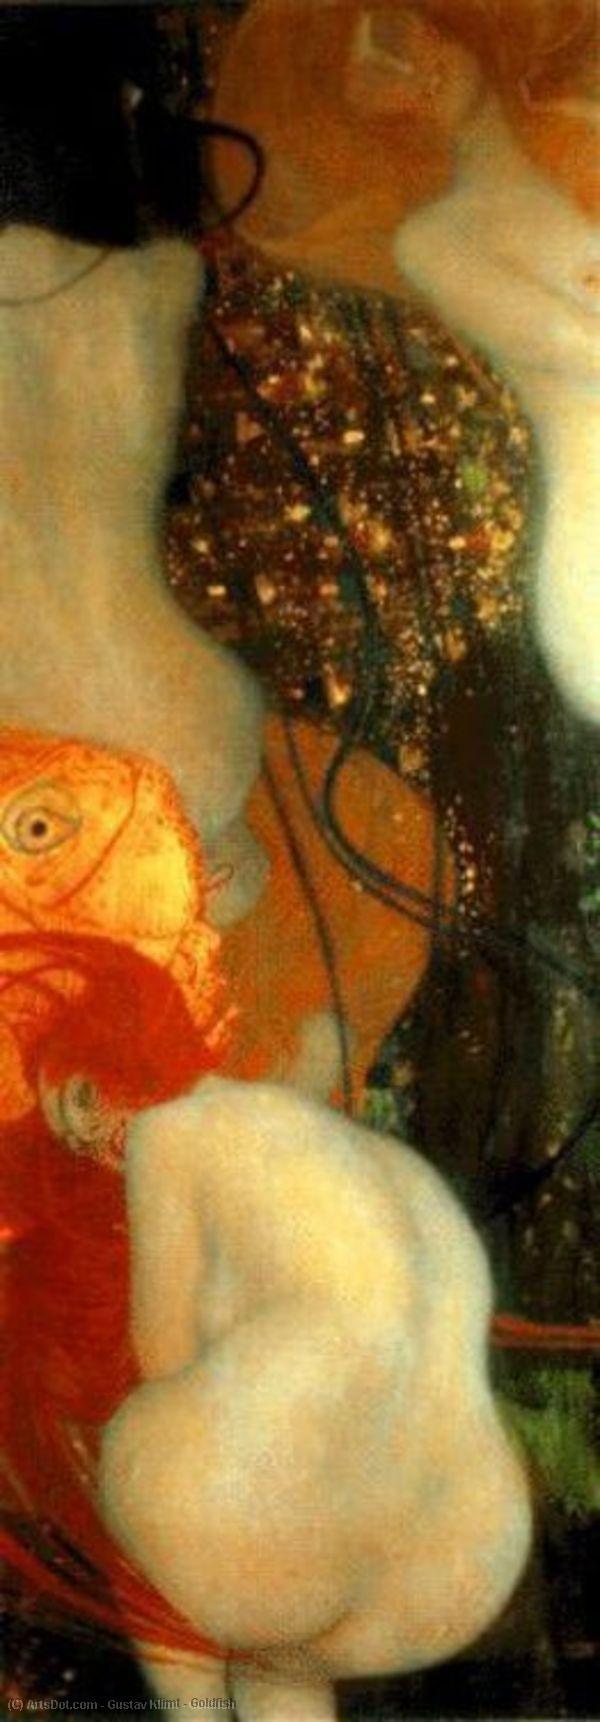 Wikoo.org - موسوعة الفنون الجميلة - اللوحة، العمل الفني Gustav Klimt - Goldfish